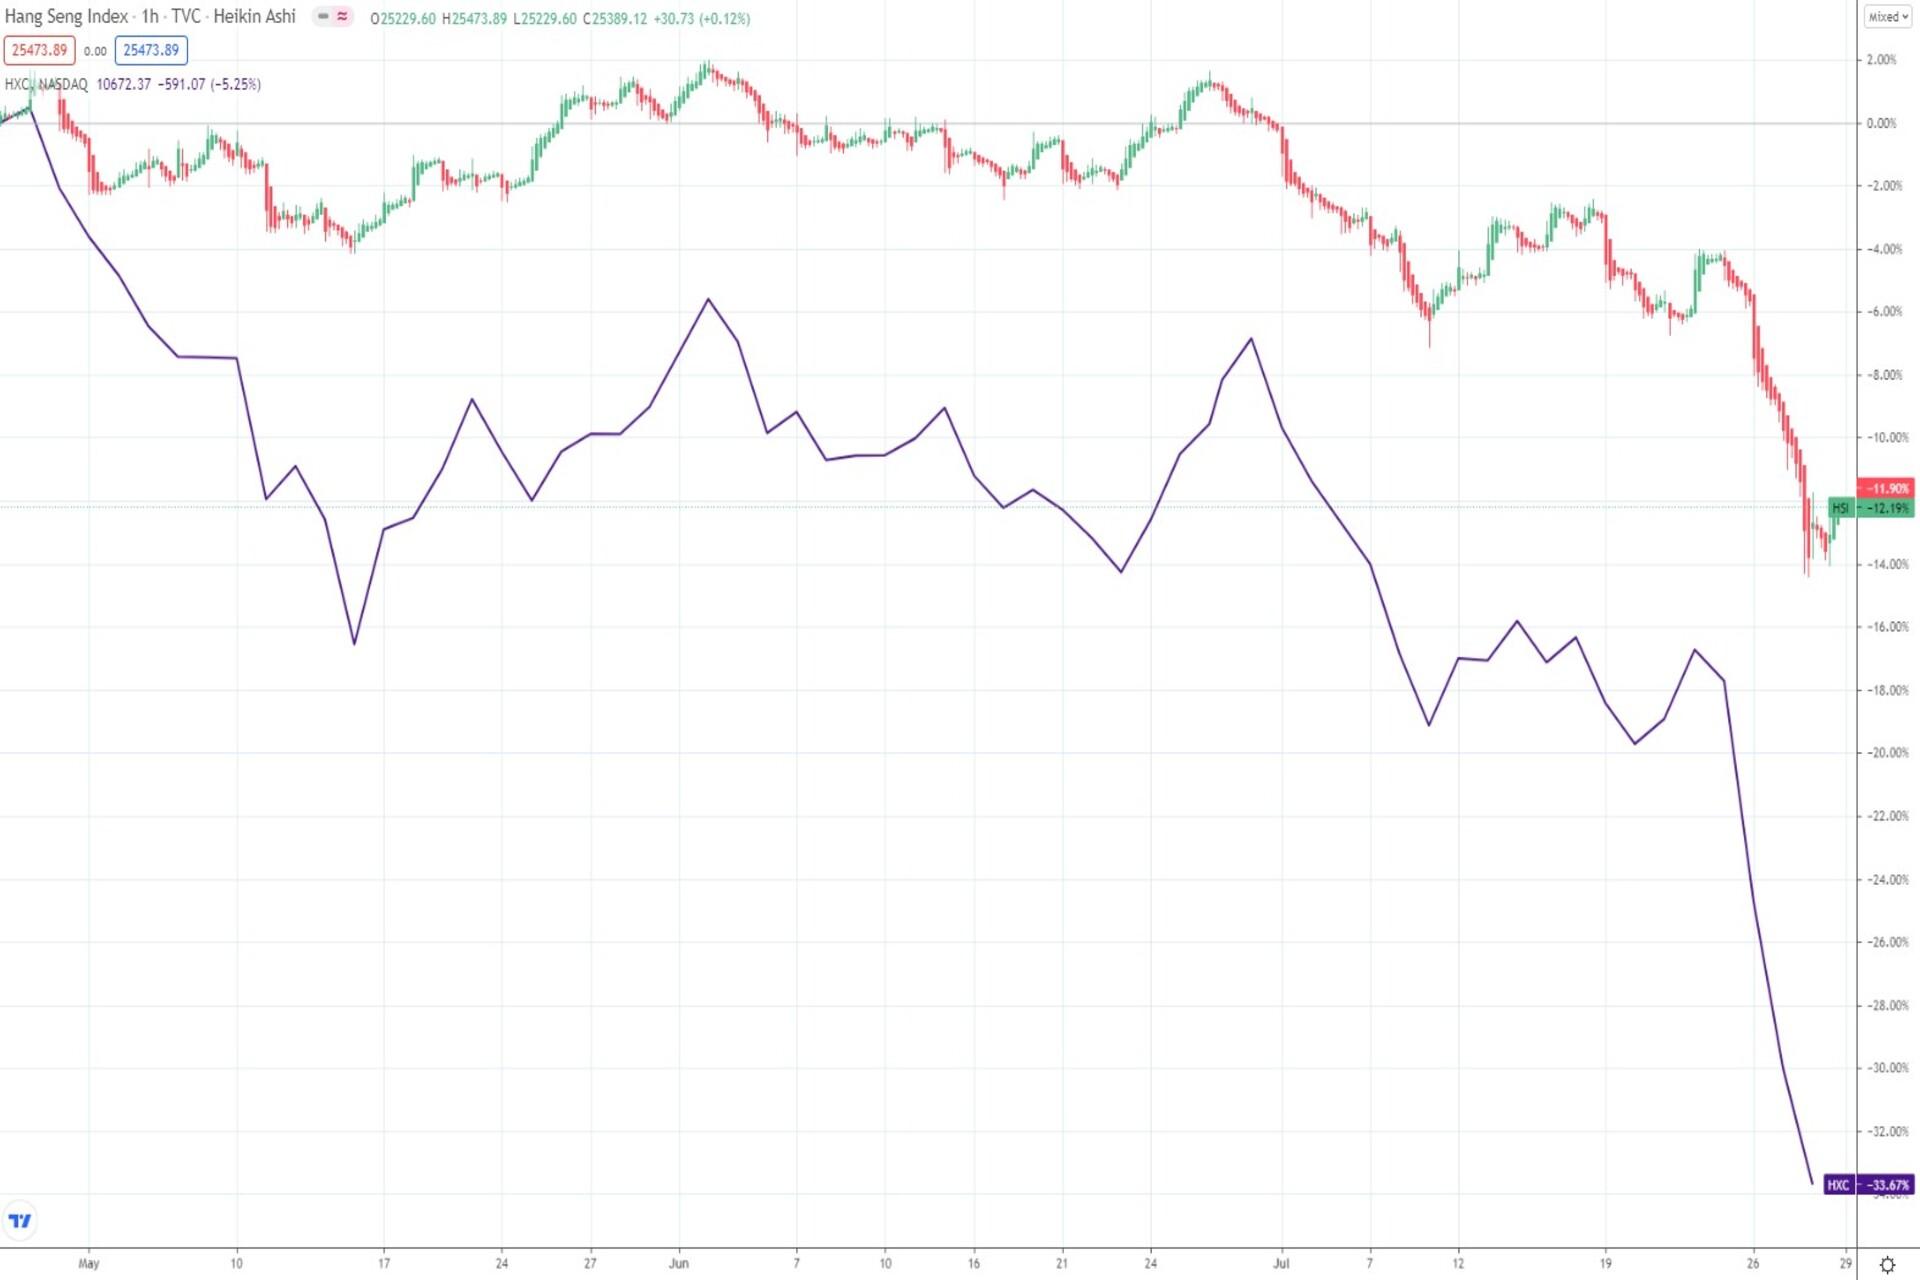 Hang seng vs. China Golden Dragon index